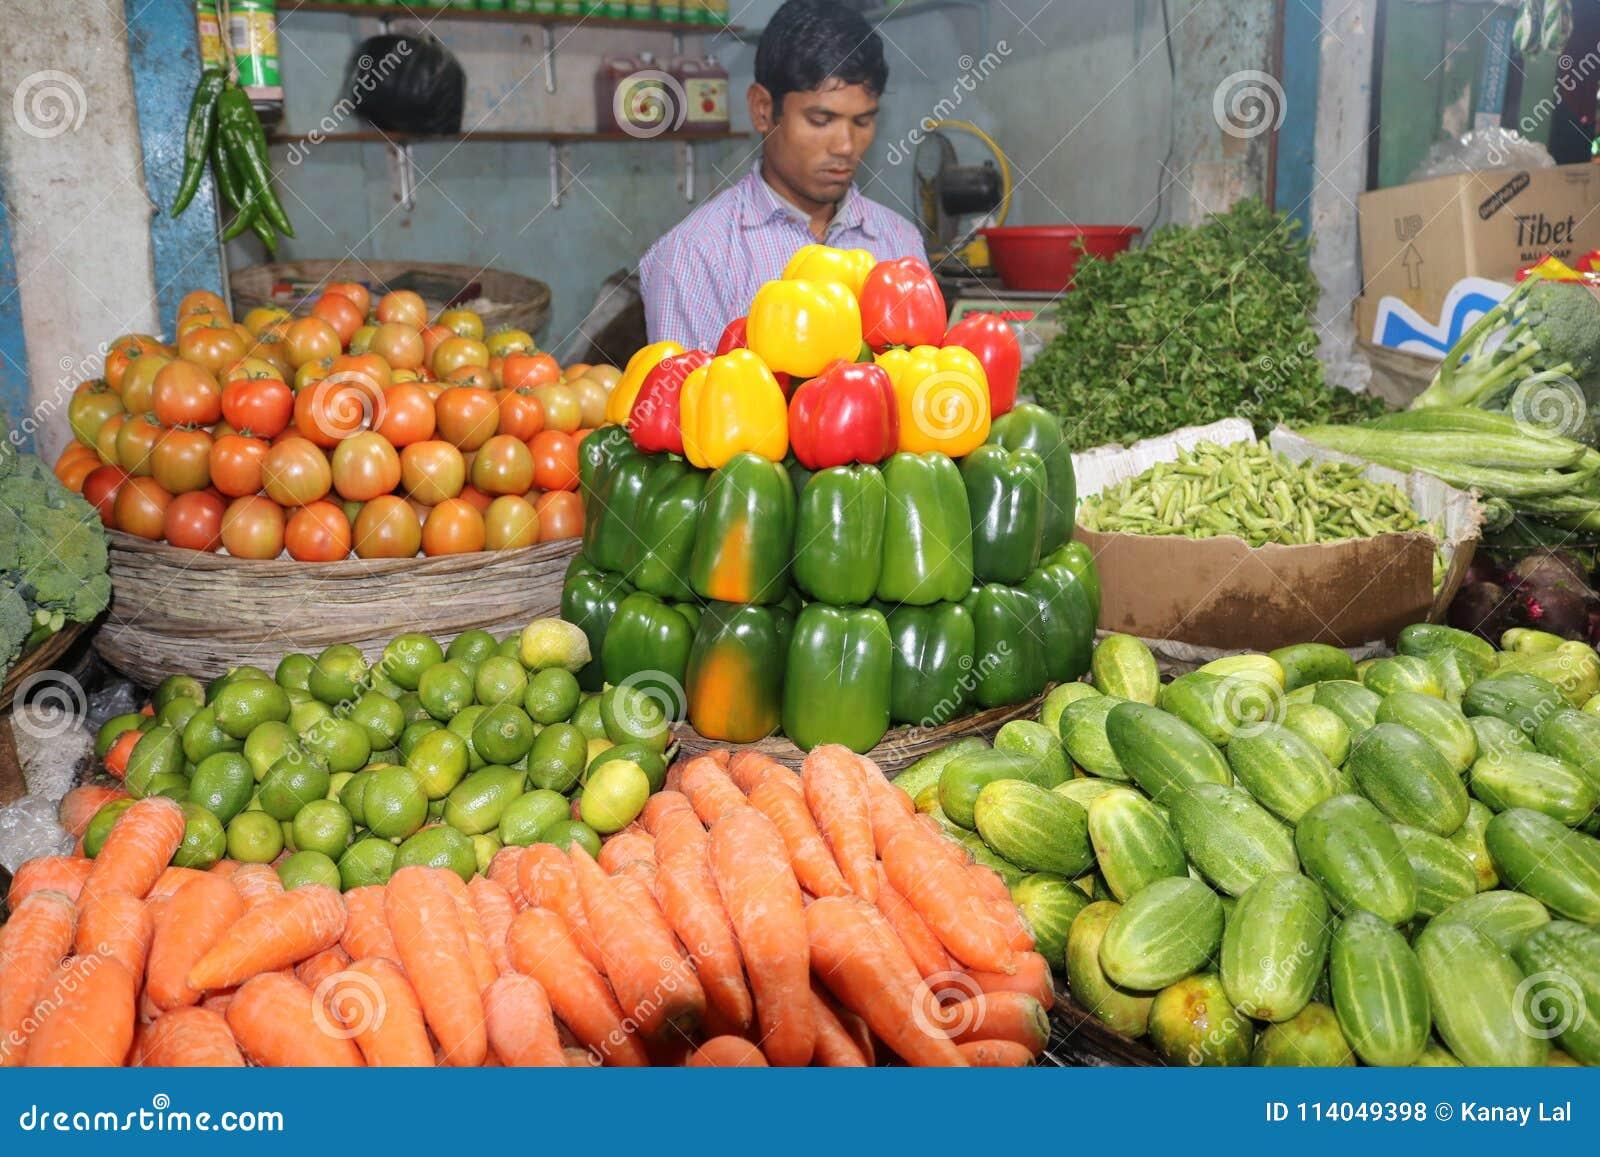 Γλυκό Capciam, κόκκινο πράσινο κίτρινο γλυκό πιπέρι τσίλι στο του Μπαγκλαντές φυτικό κατάστημα με το φύλακα καταστημάτων